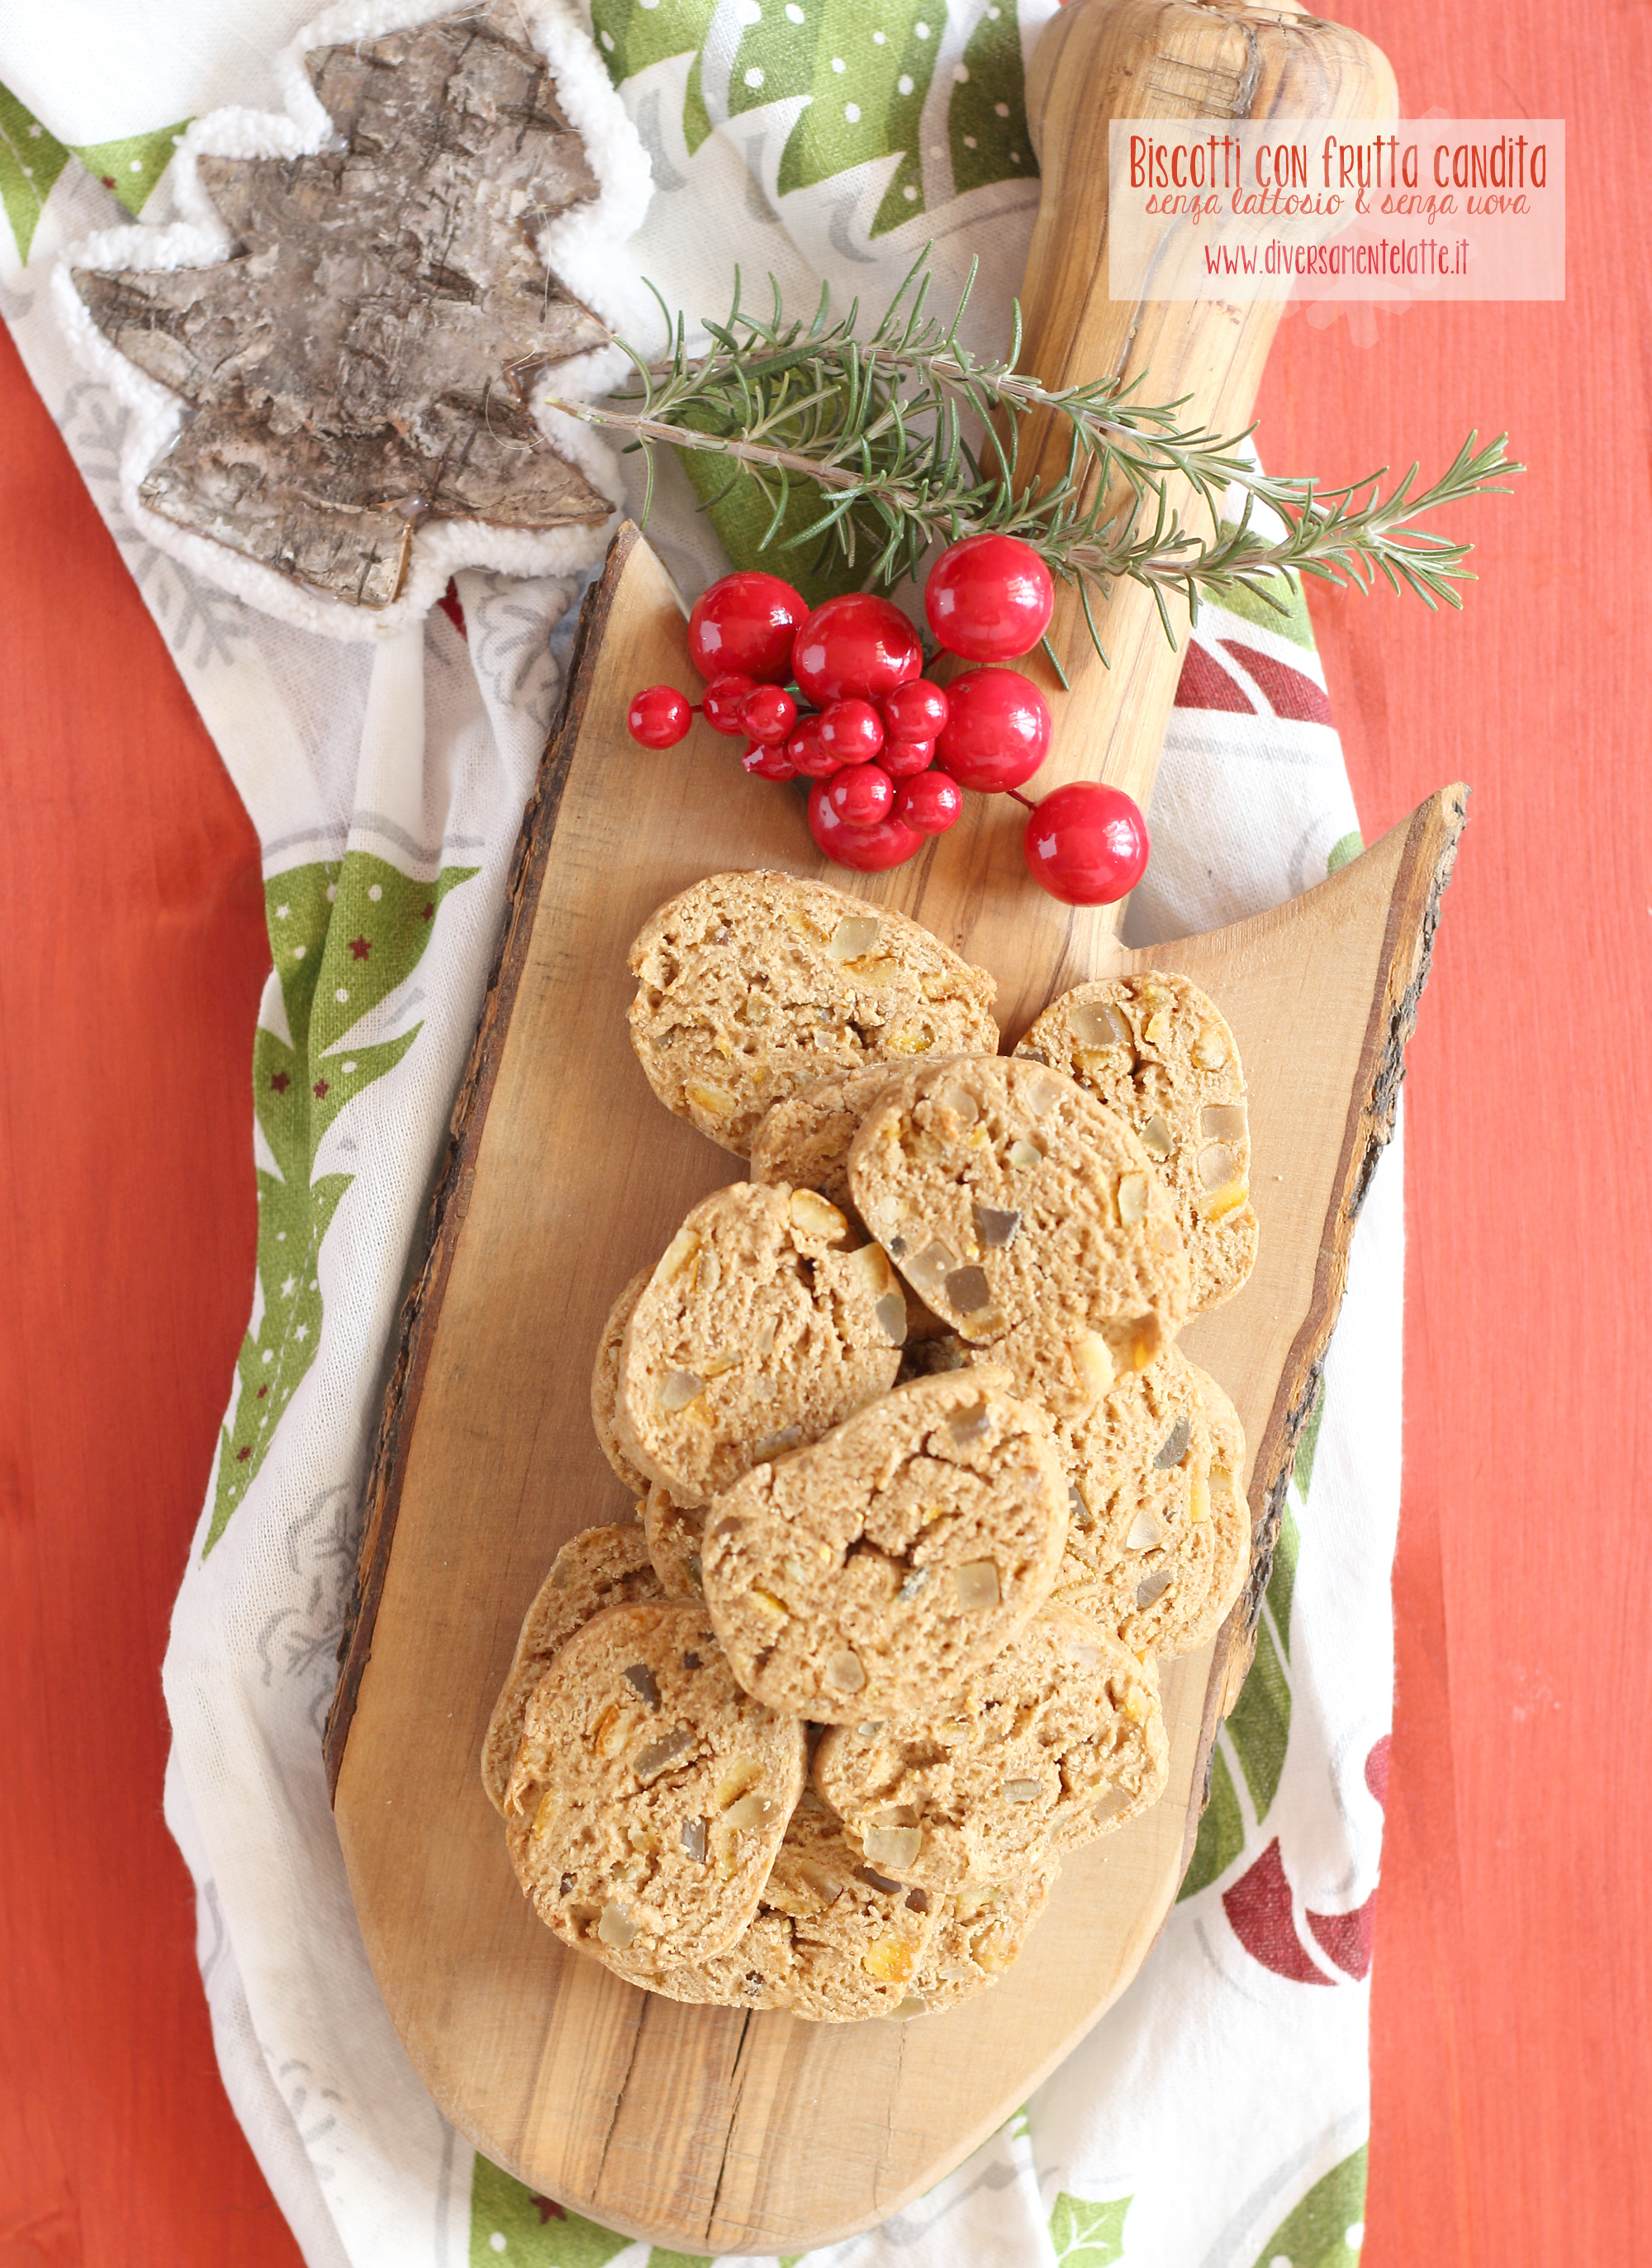 biscotti con frutta candita senza burro